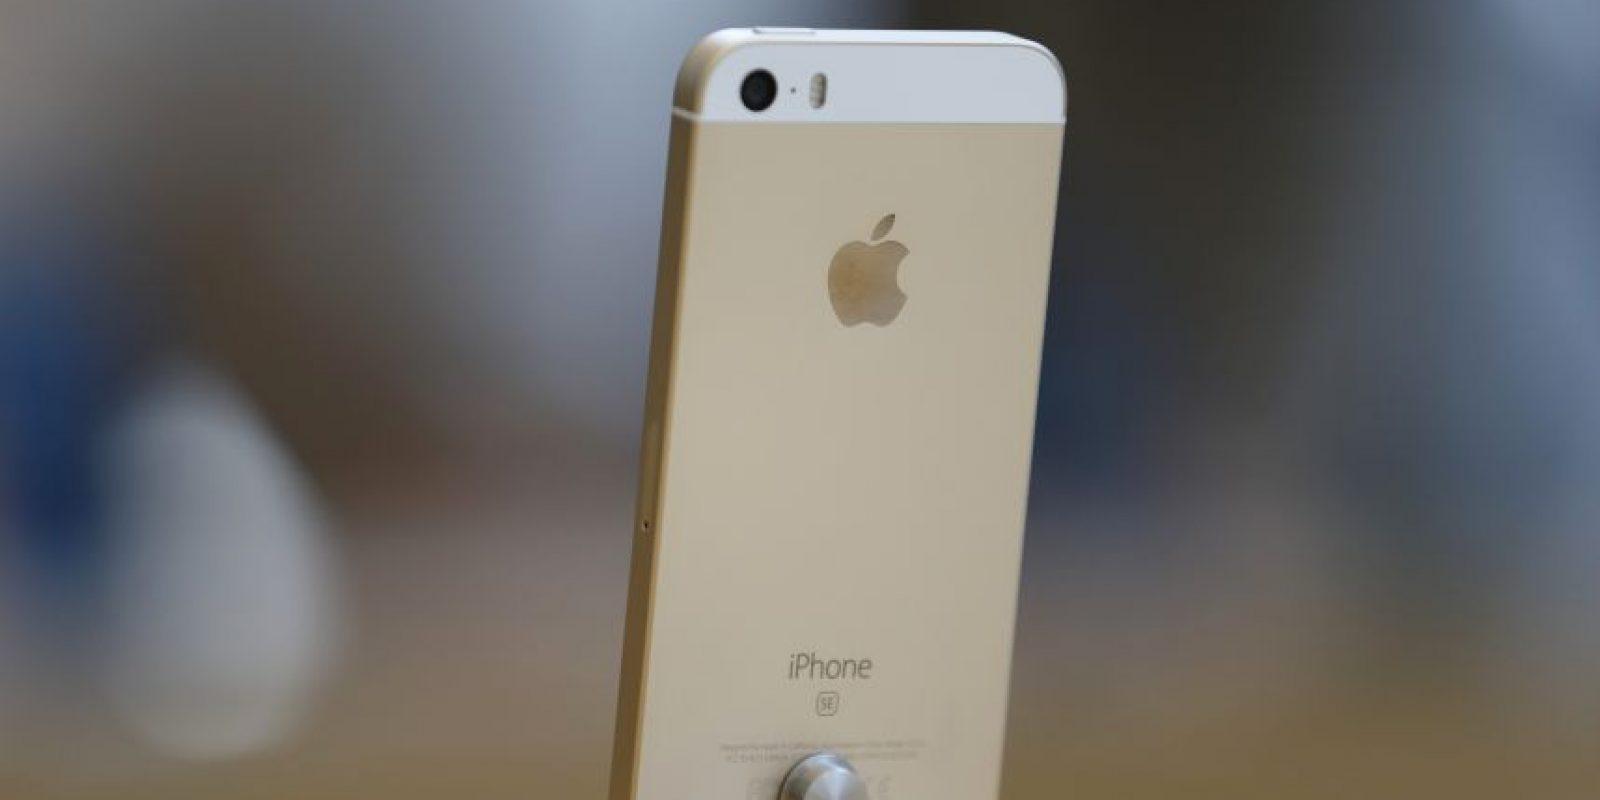 El dispositivo es una versión mejorada del iPhone 5s Foto:getty images